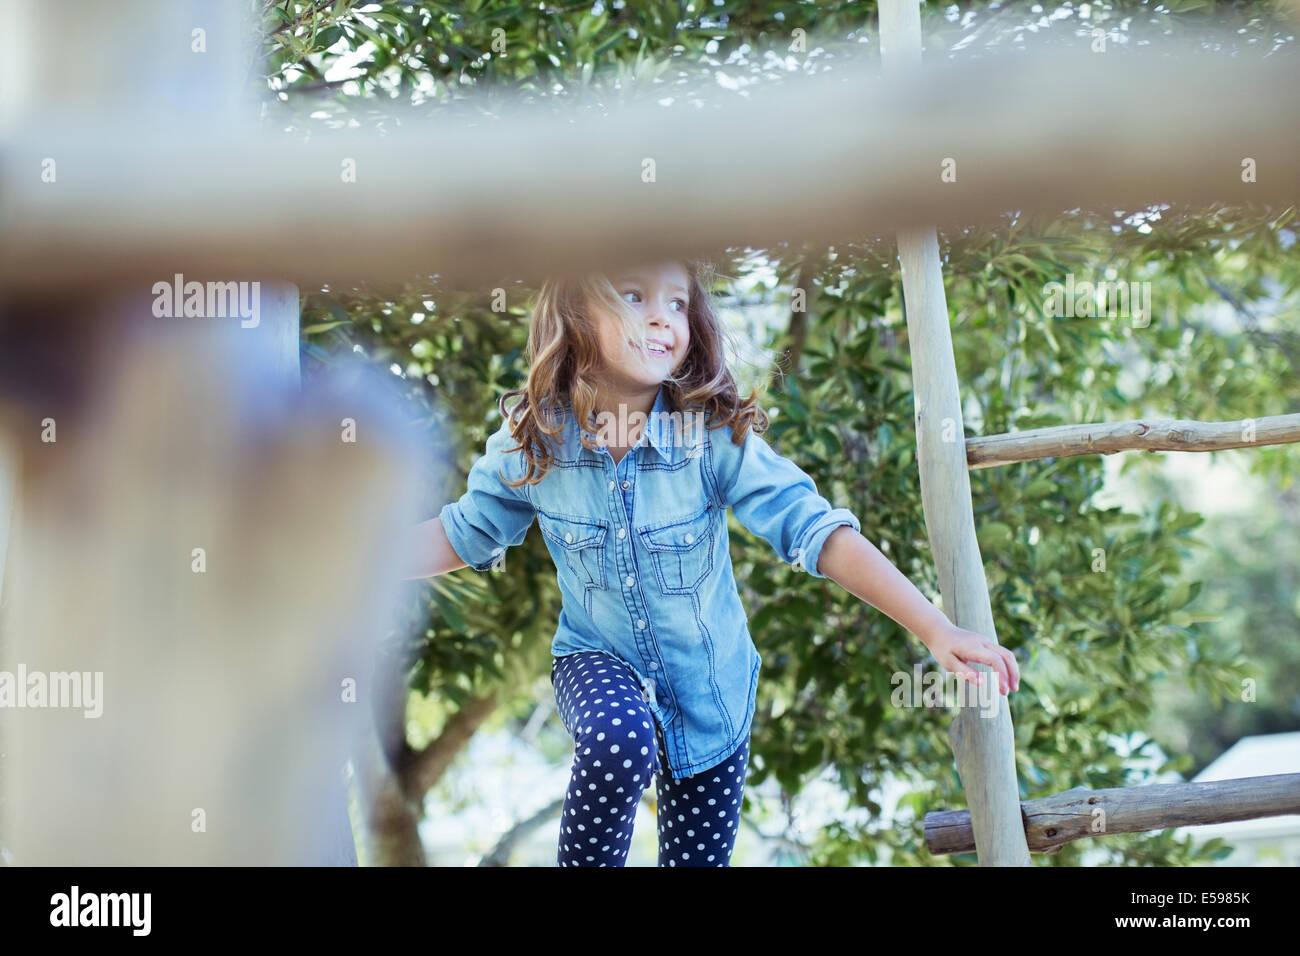 Chica escalada en estructura de juego Foto de stock